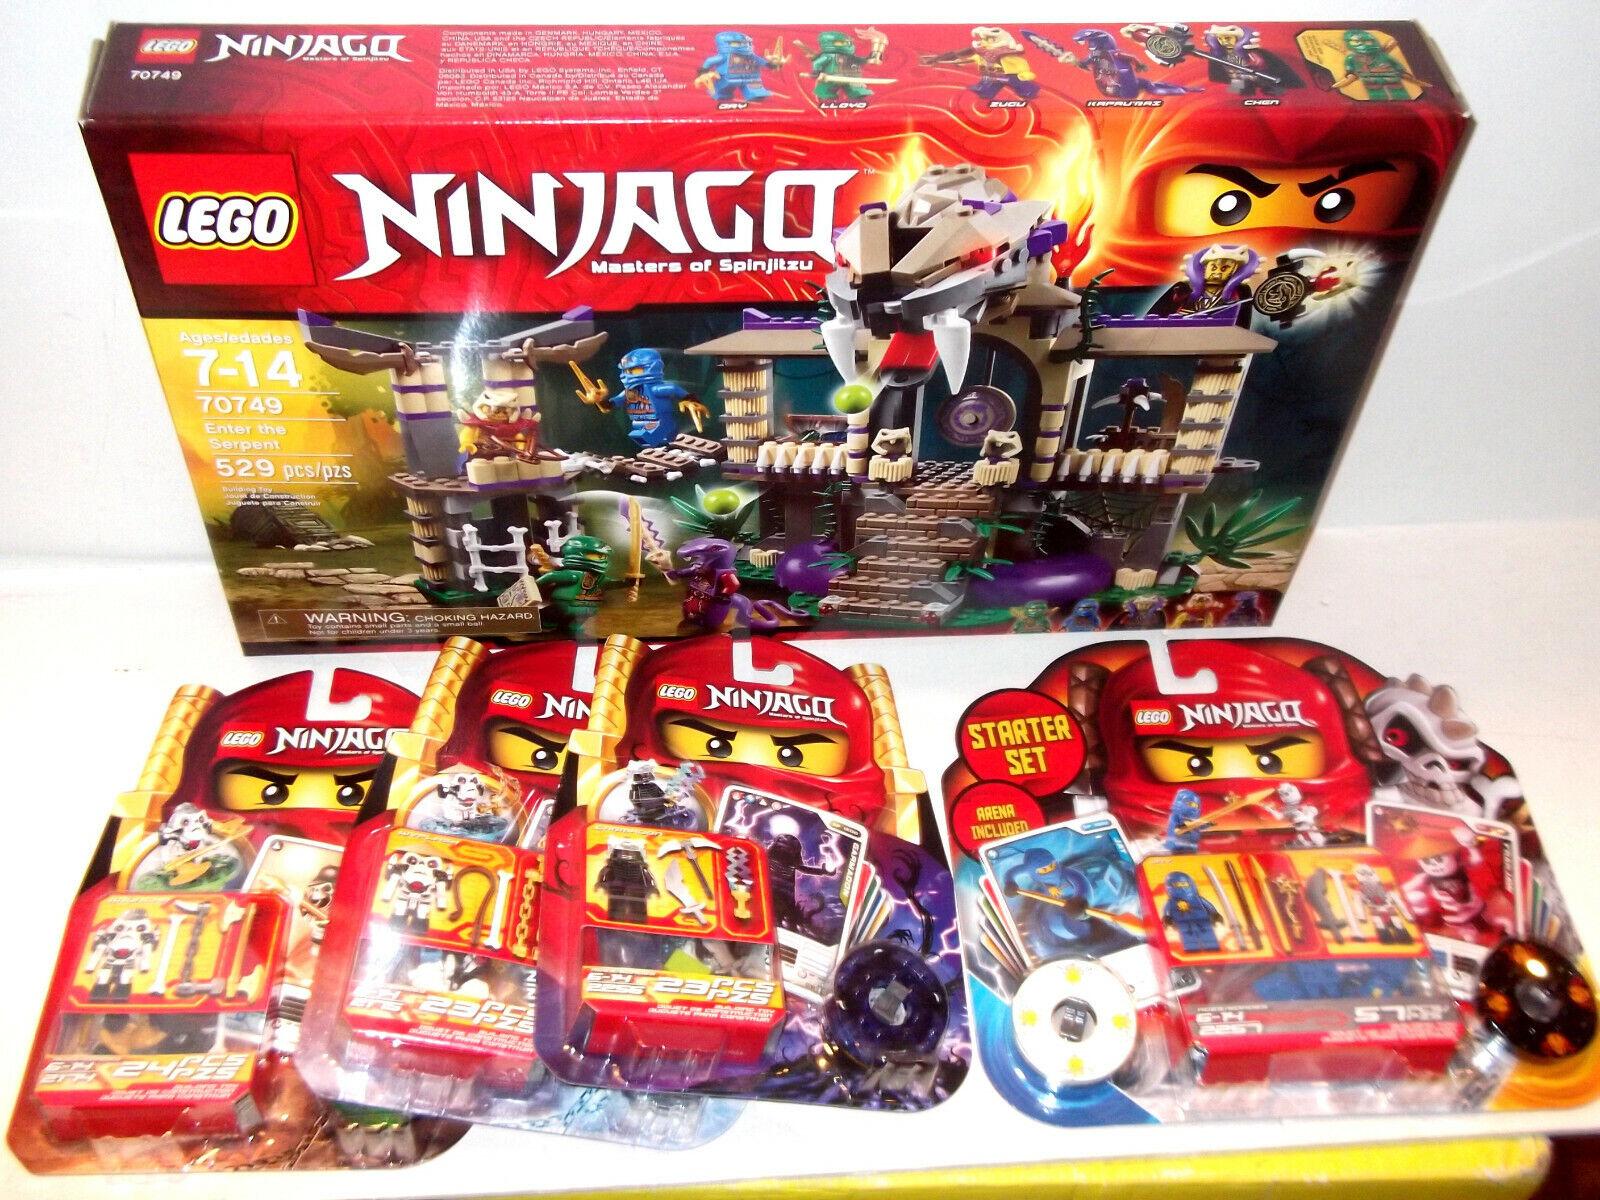 LOT LEGO 2257 70749 2175 2174 2256 Enter Serpent Ninjago Stkonster Set Brand Ny